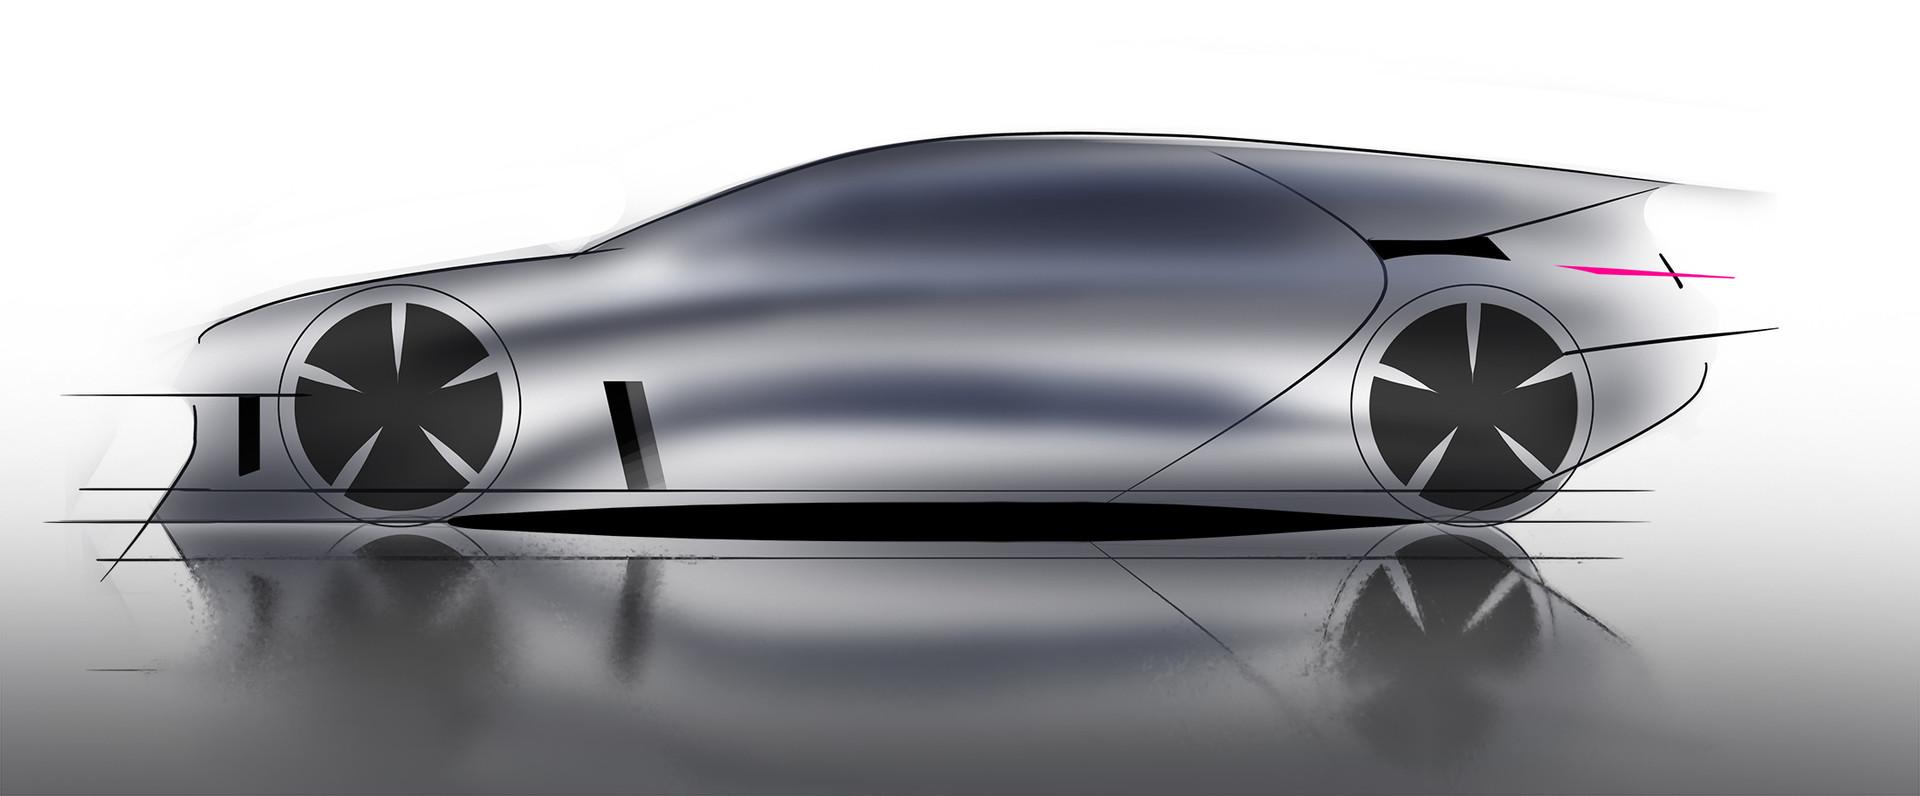 Rasmus poulsen car outline02